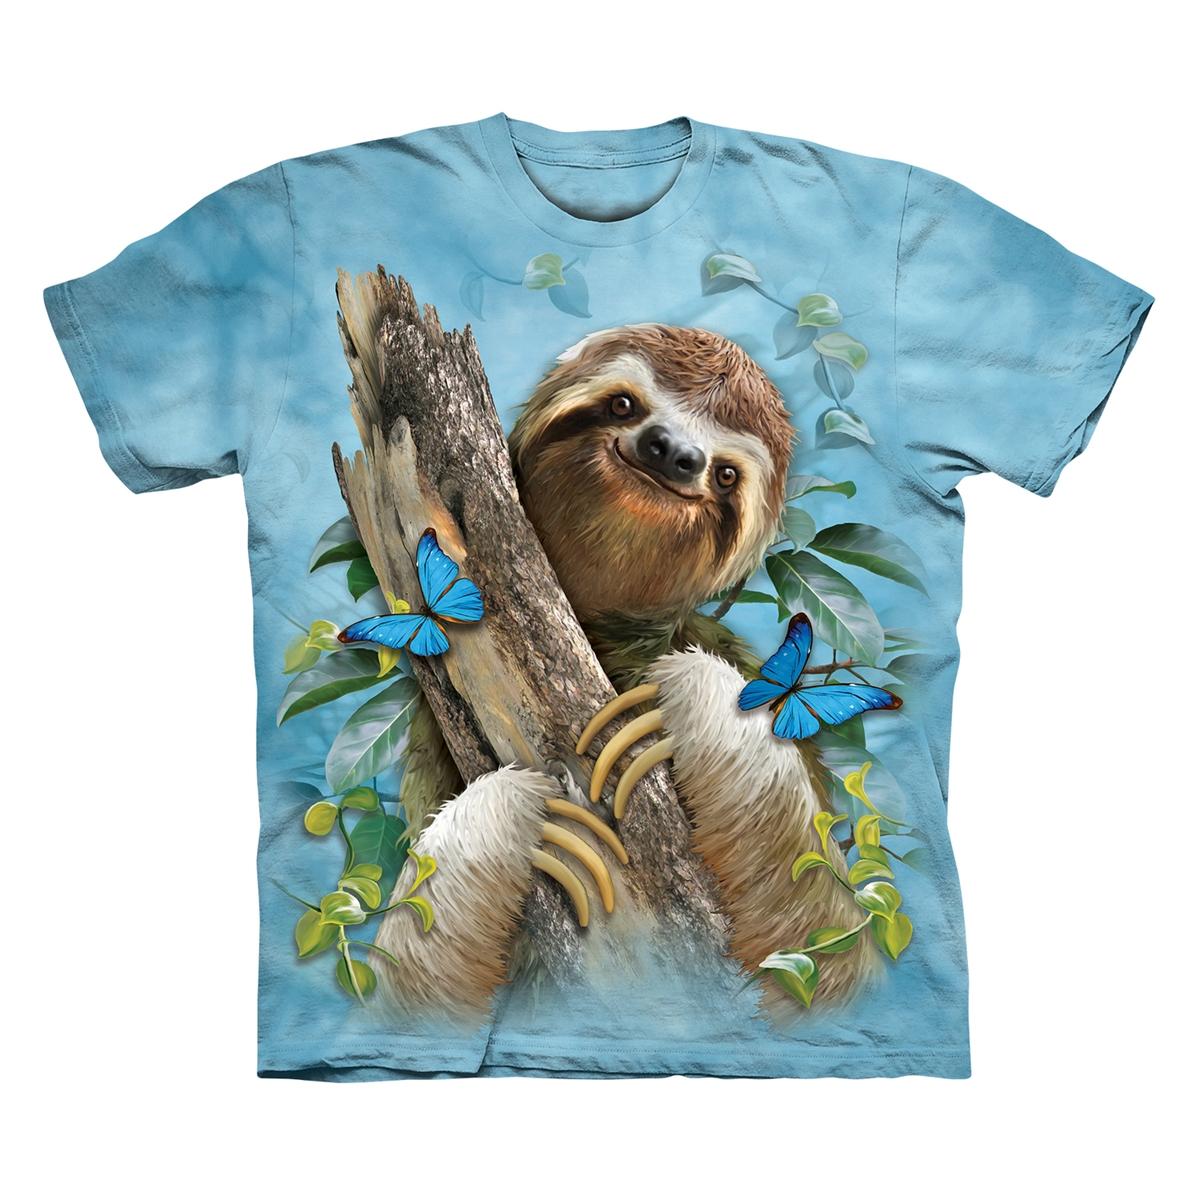 Sloth & Butterflies Tee